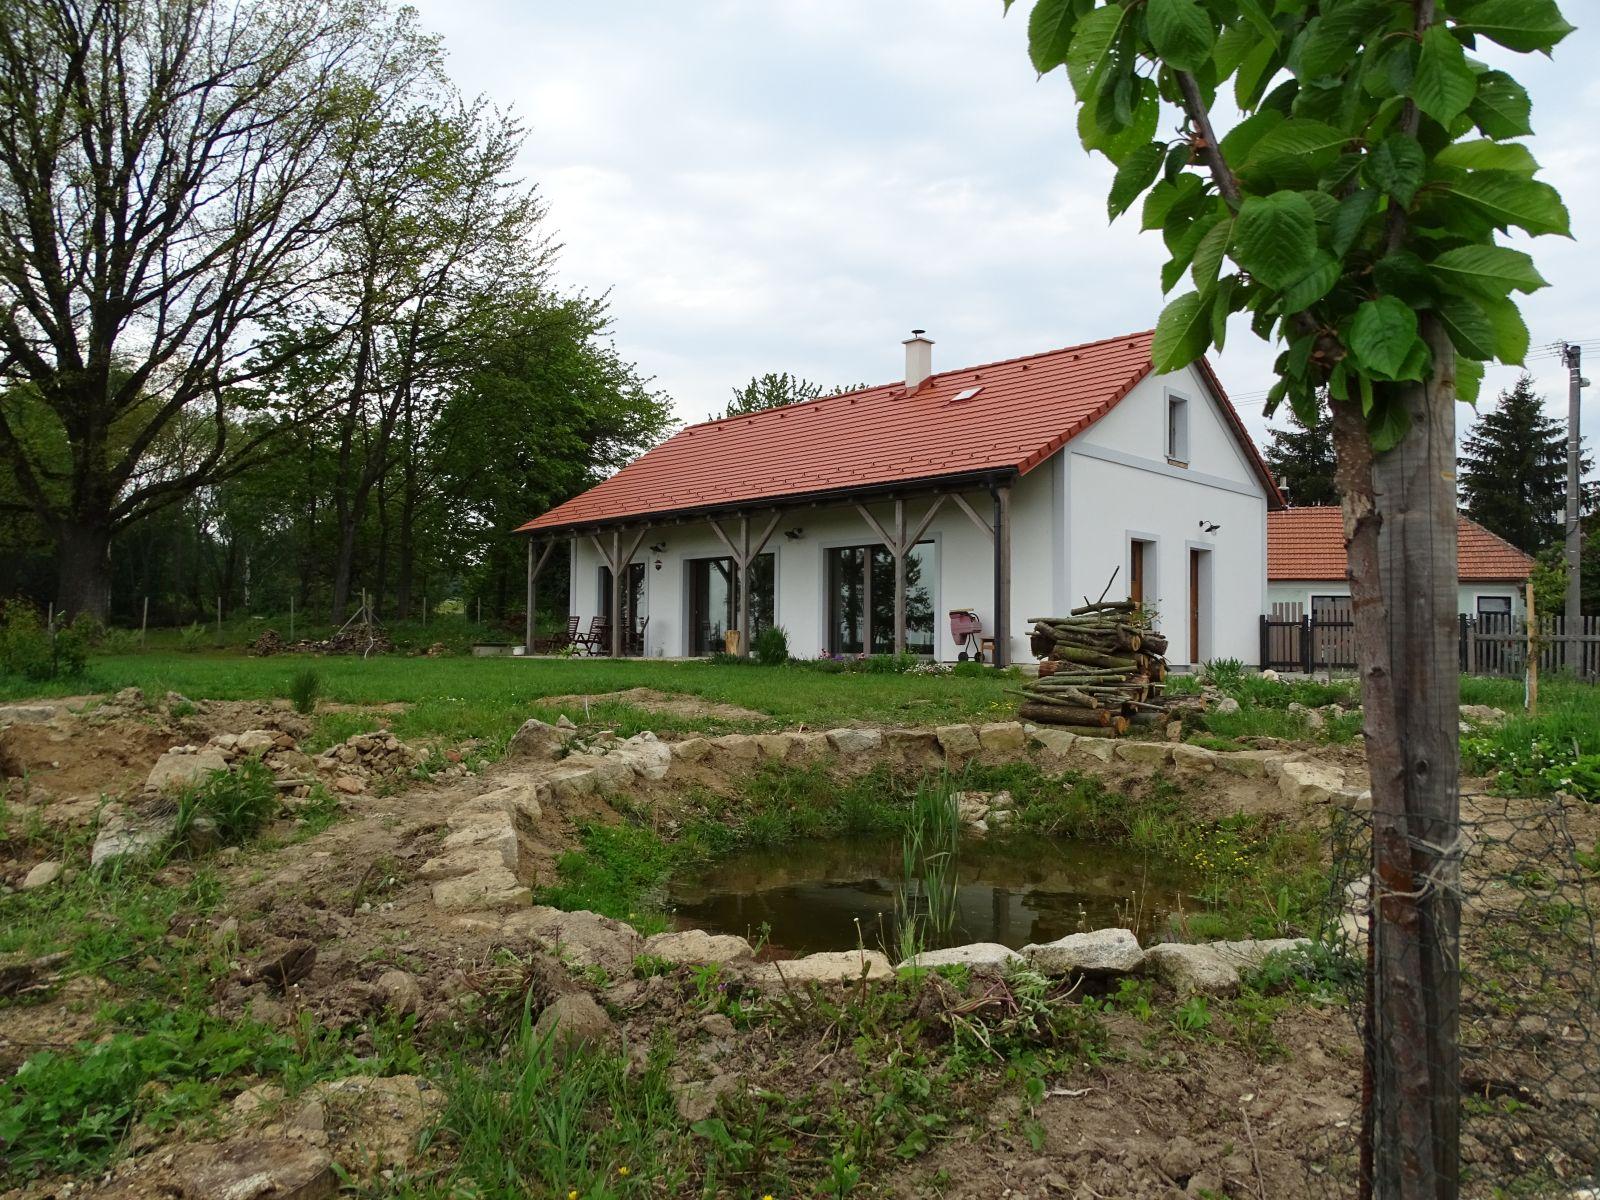 jezirko_DSC02675